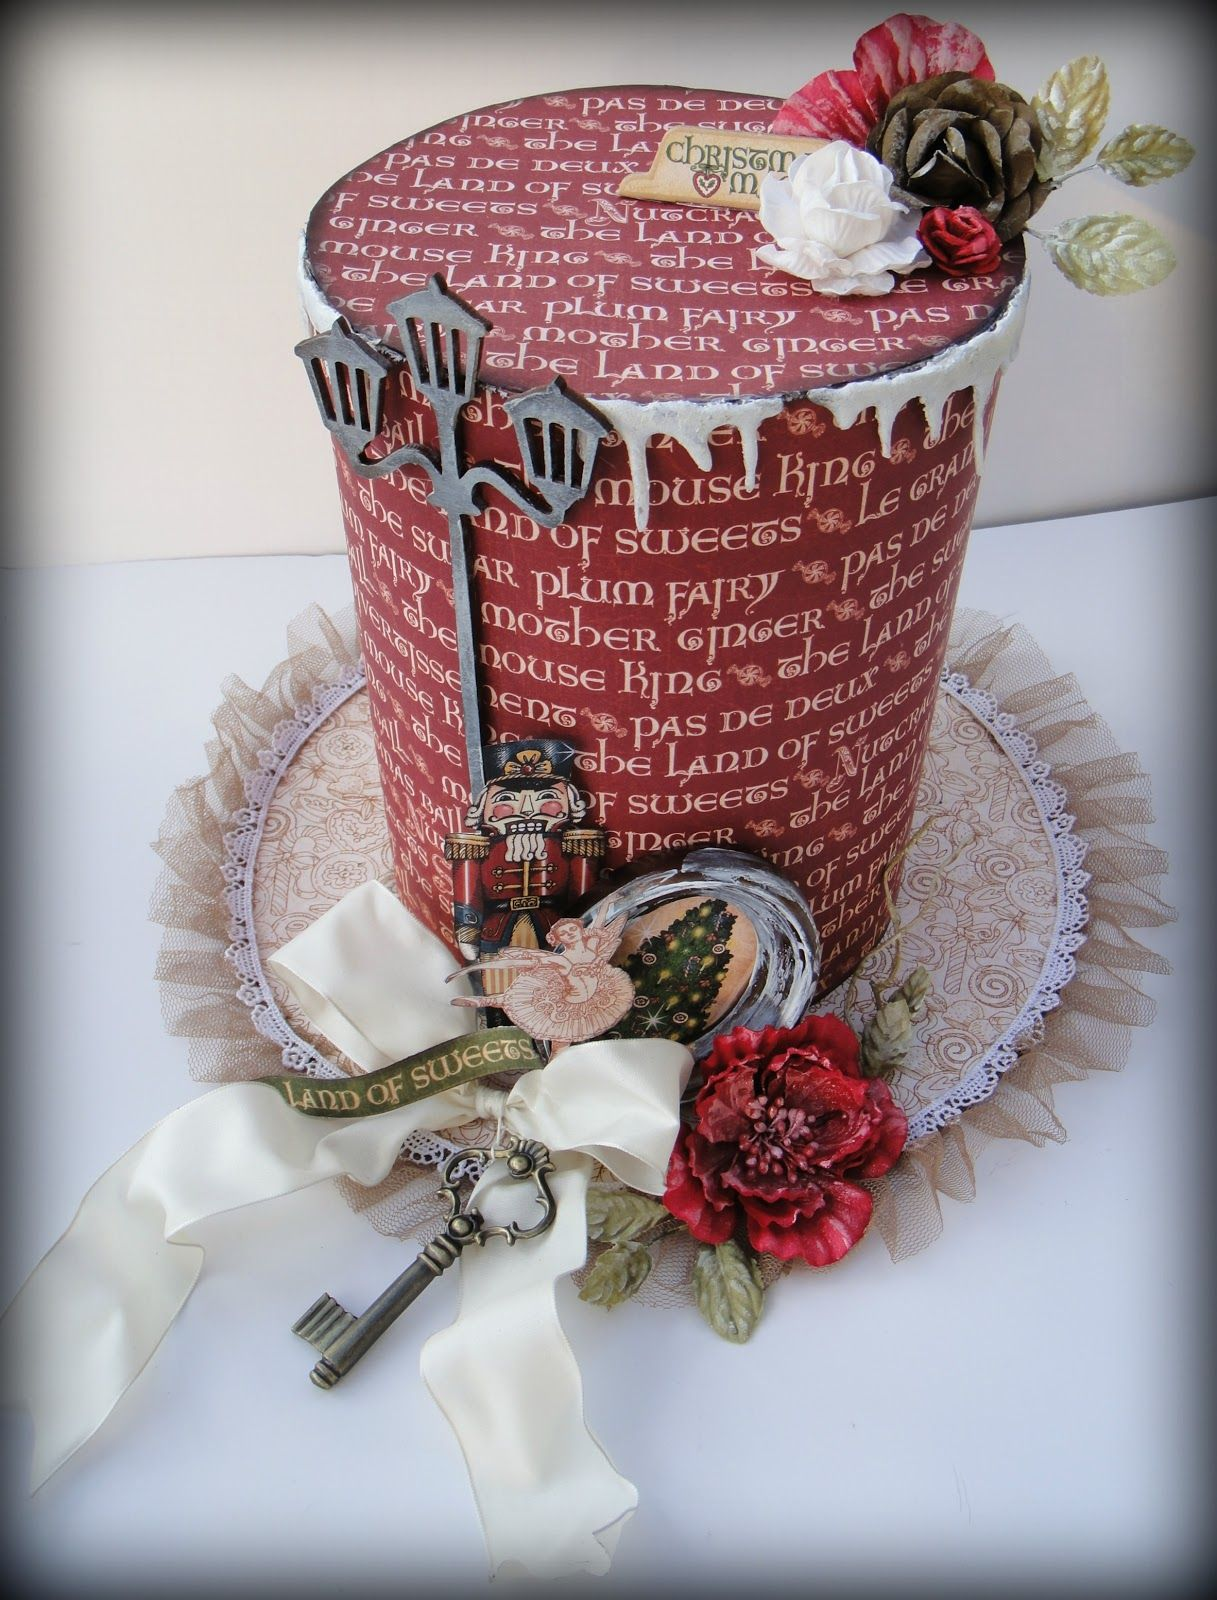 http://3.bp.blogspot.com/-_xsRGSfDpXo/UMfKBBn_CdI/AAAAAAAAClc/ESx9UPdBV5c/s1600/top+hat.jpg